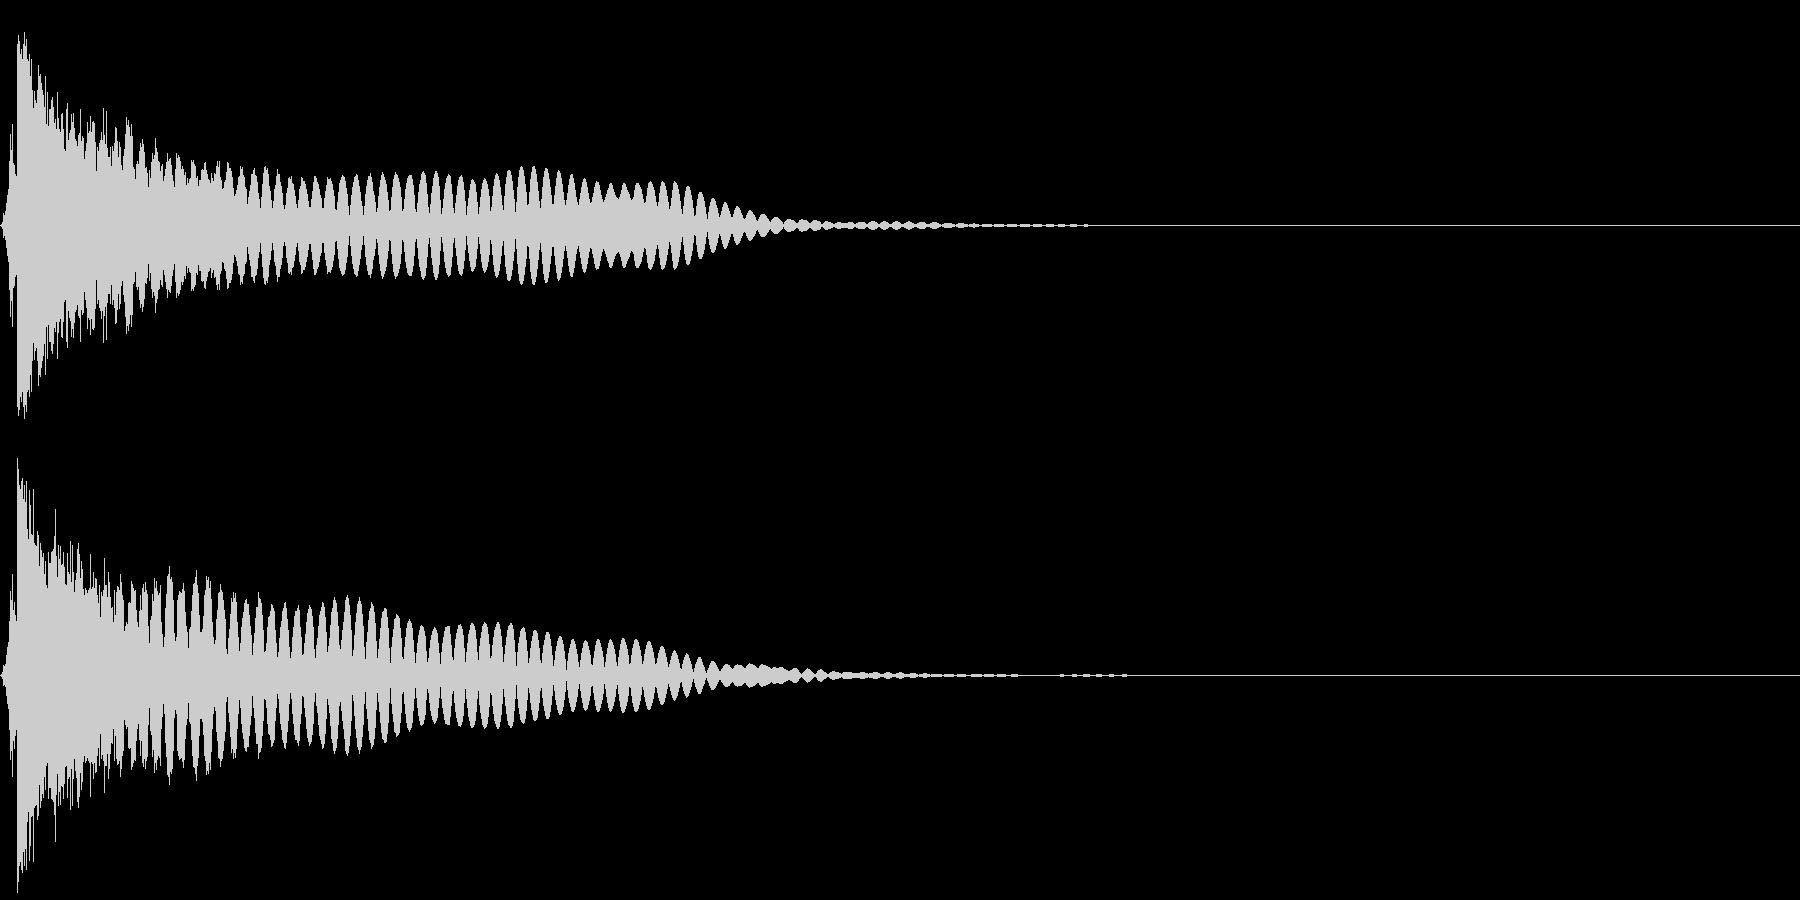 刀 キーン 剣 リアル インパクト Oの未再生の波形